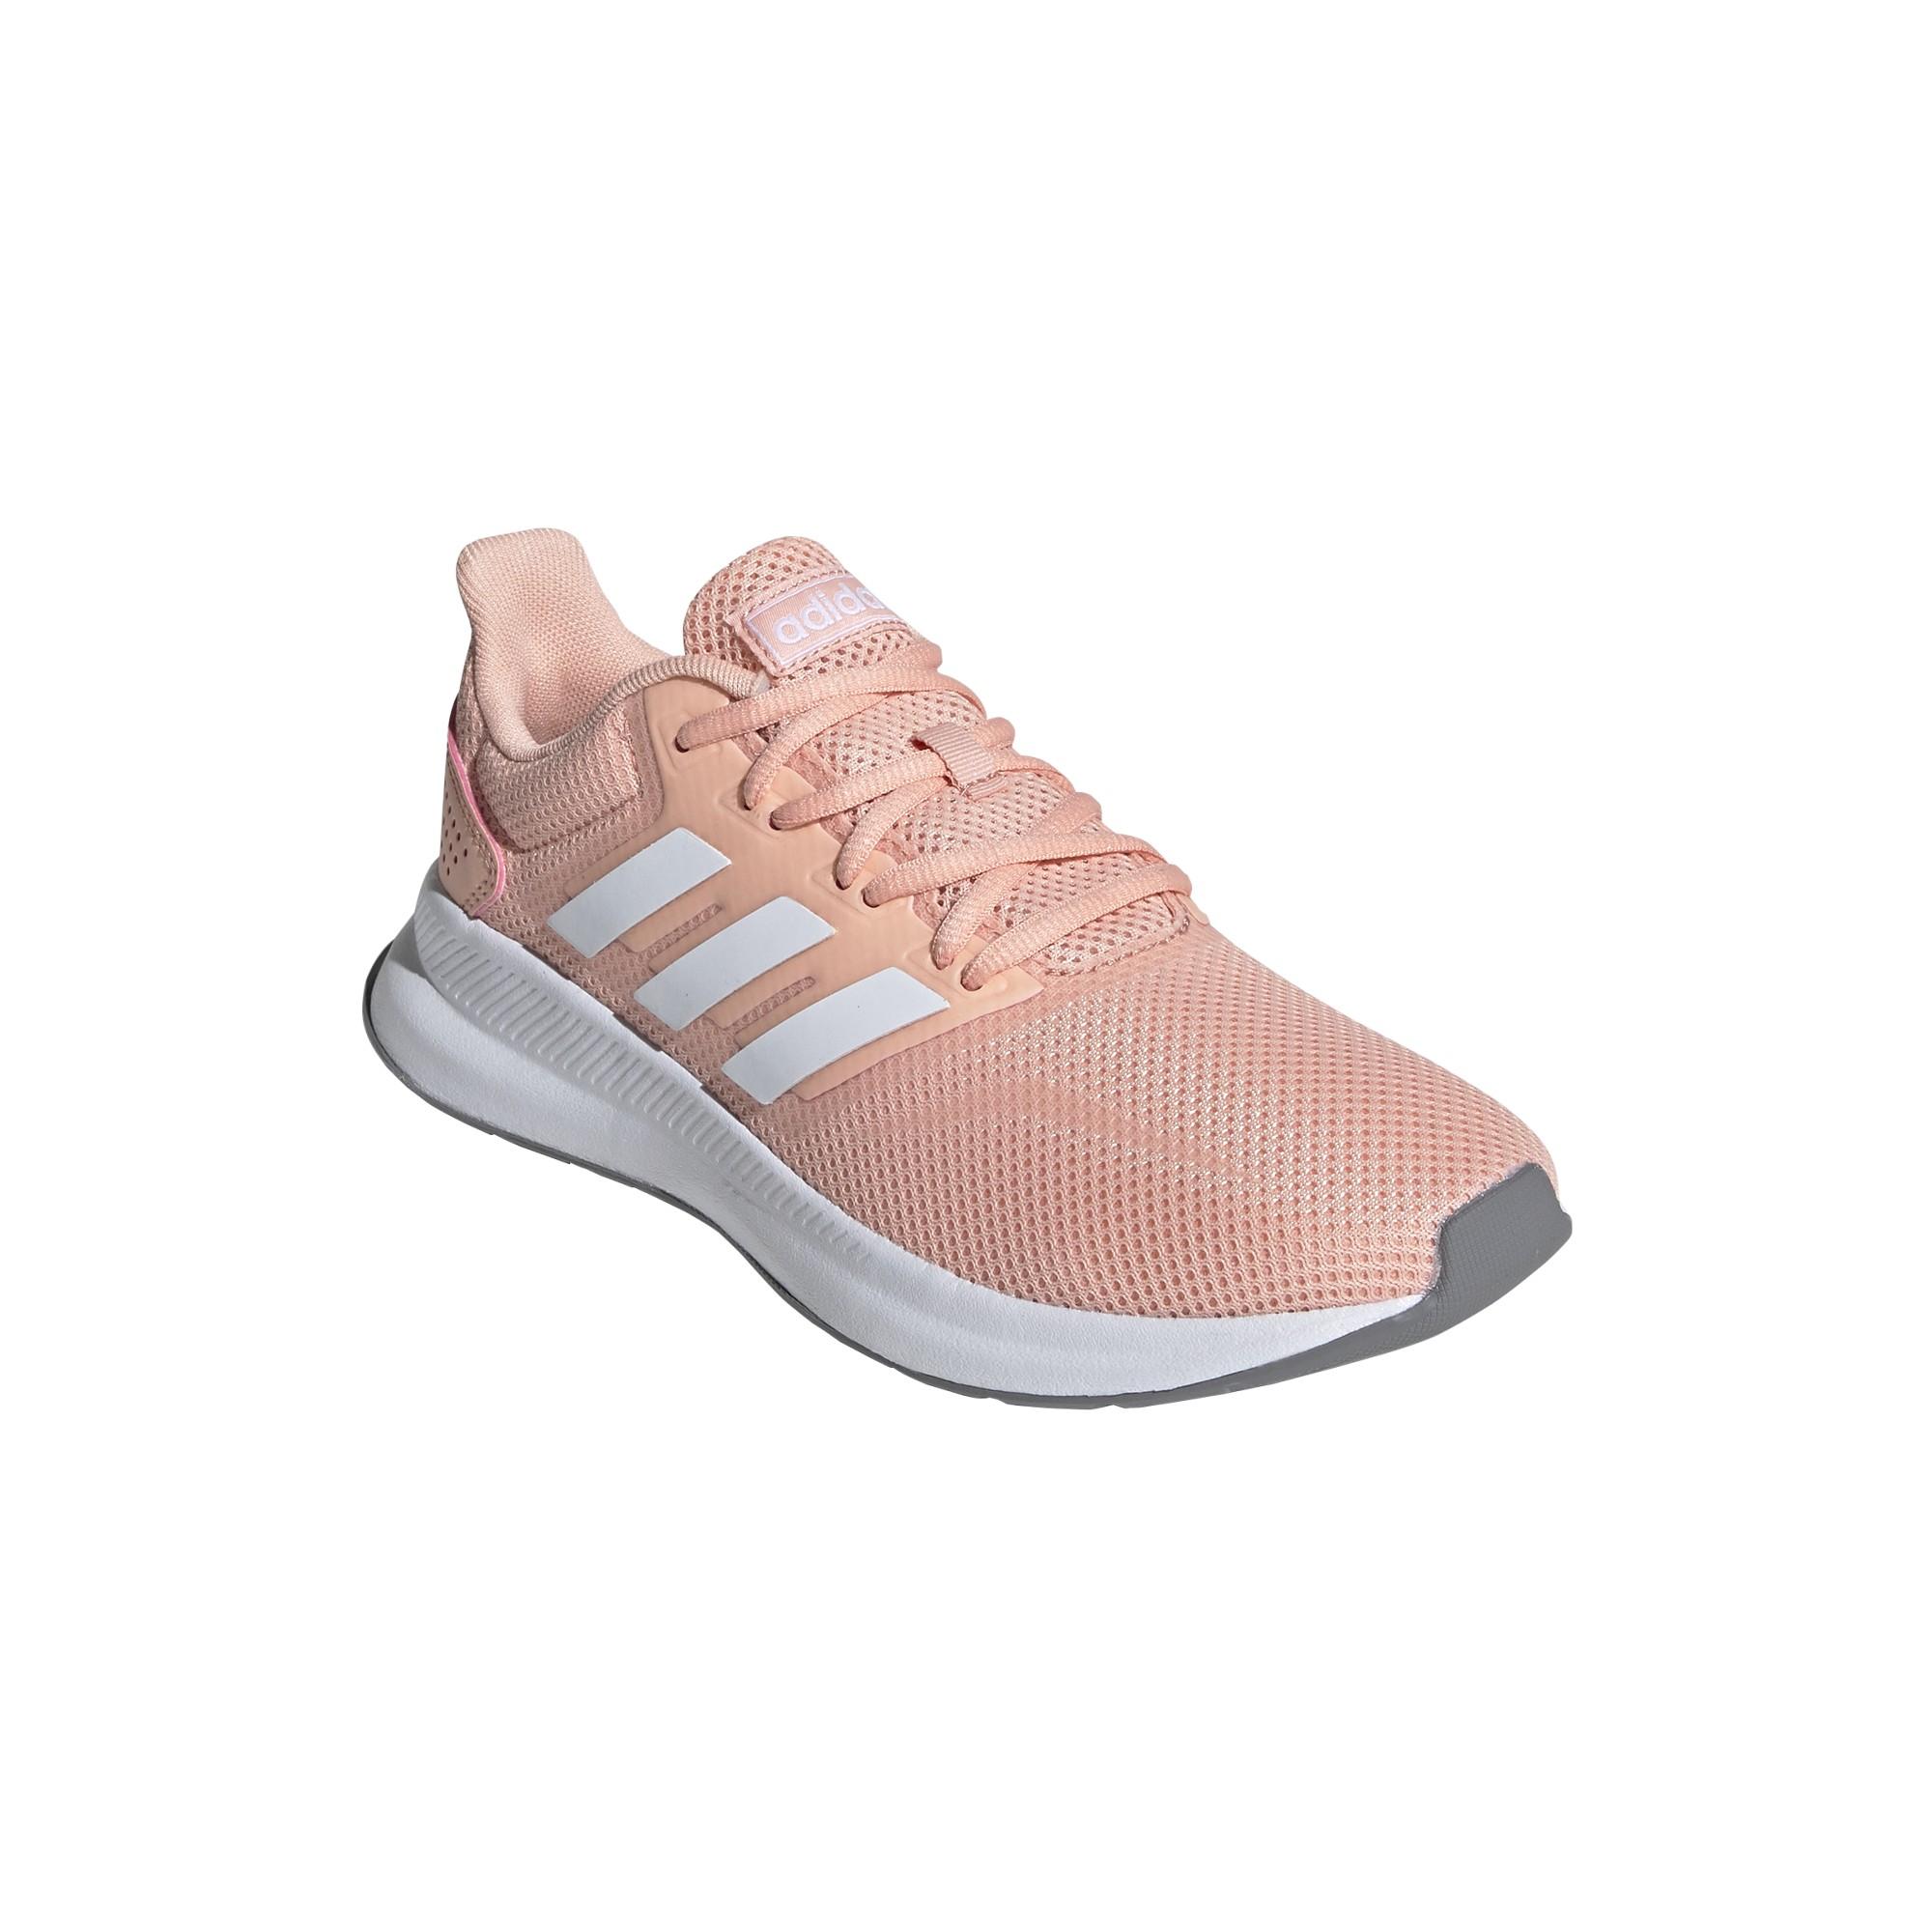 Zapatillas adidas Runfalcon EE8165 - Deportes Manzanedo